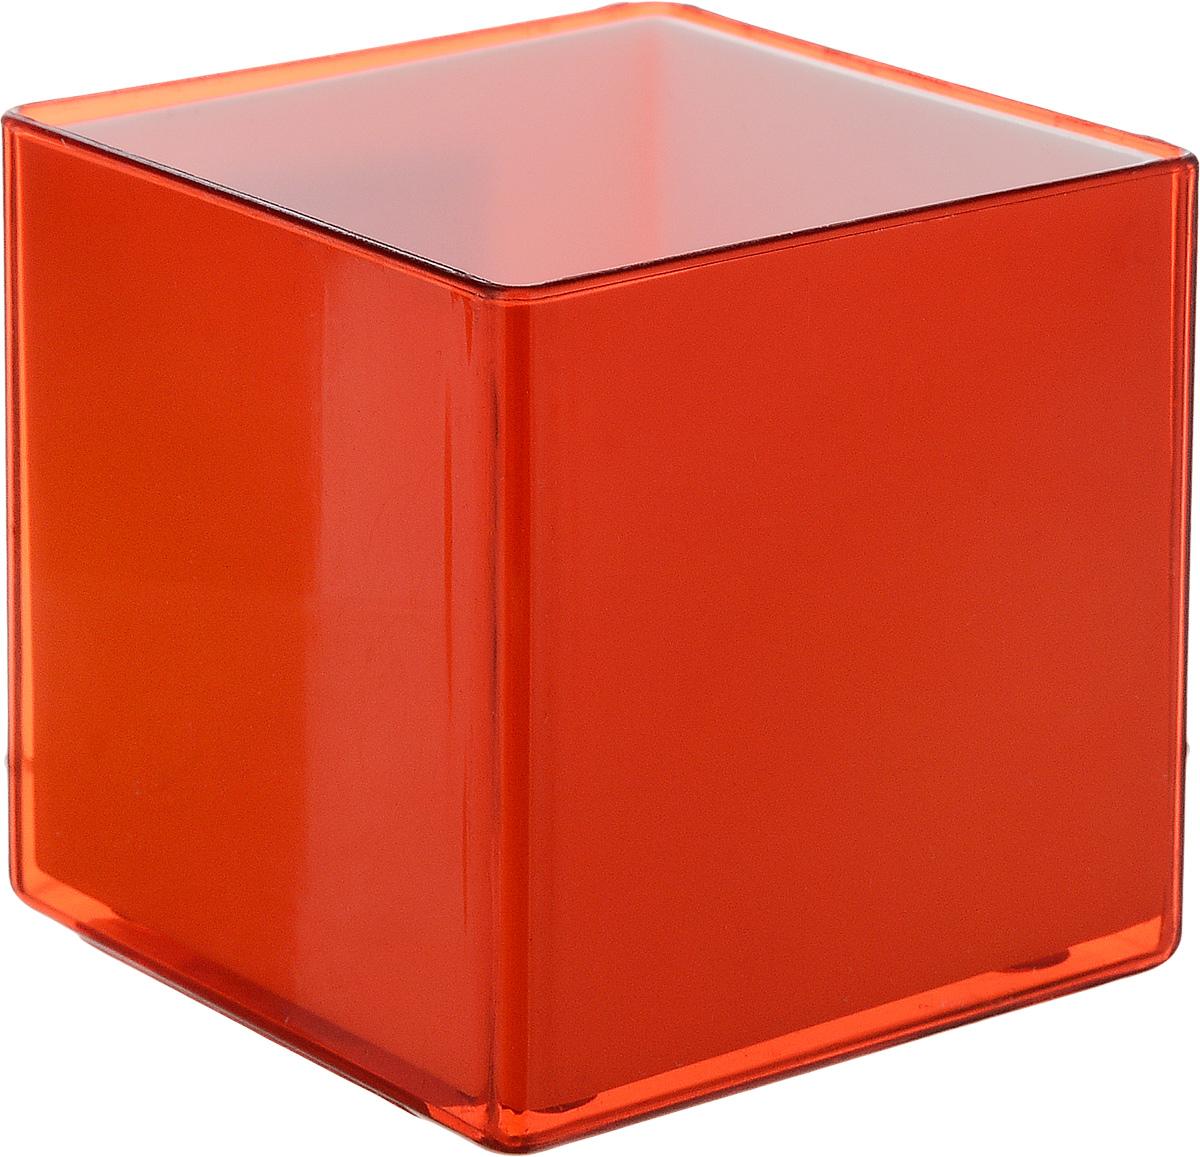 """Кашпо JetPlast """"Мини куб"""" предназначено для украшения любого интерьера. Благодаря магнитной ленте, входящей в комплект, вы можете разместить его не только на подоконнике, столе или иной поверхности, а также на холодильнике и любой другой металлической поверхности, дополняя привычные вещи новыми дизайнерскими решениями. Кашпо можно использовать не только под цветы, но и как подставку для ручек, карандашей и прочих канцелярских мелочей. Размеры кашпо: 6 х 6 х 6 см."""